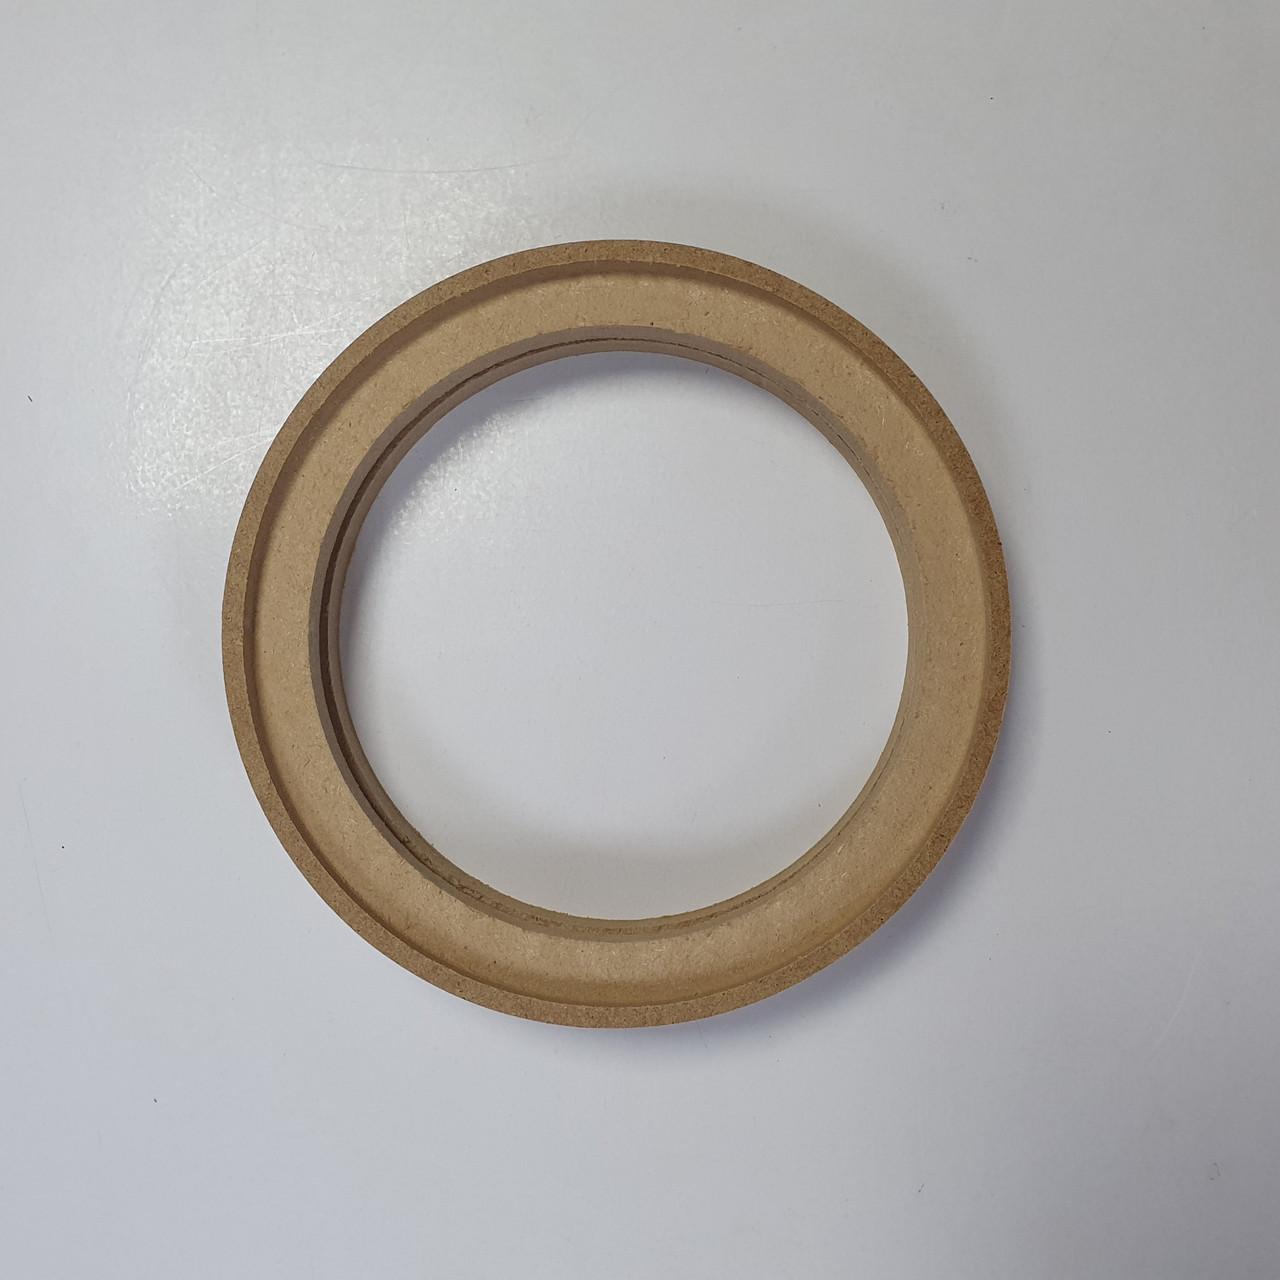 Кольцо №1v2 (16-ые Увеличенные с бортиком)